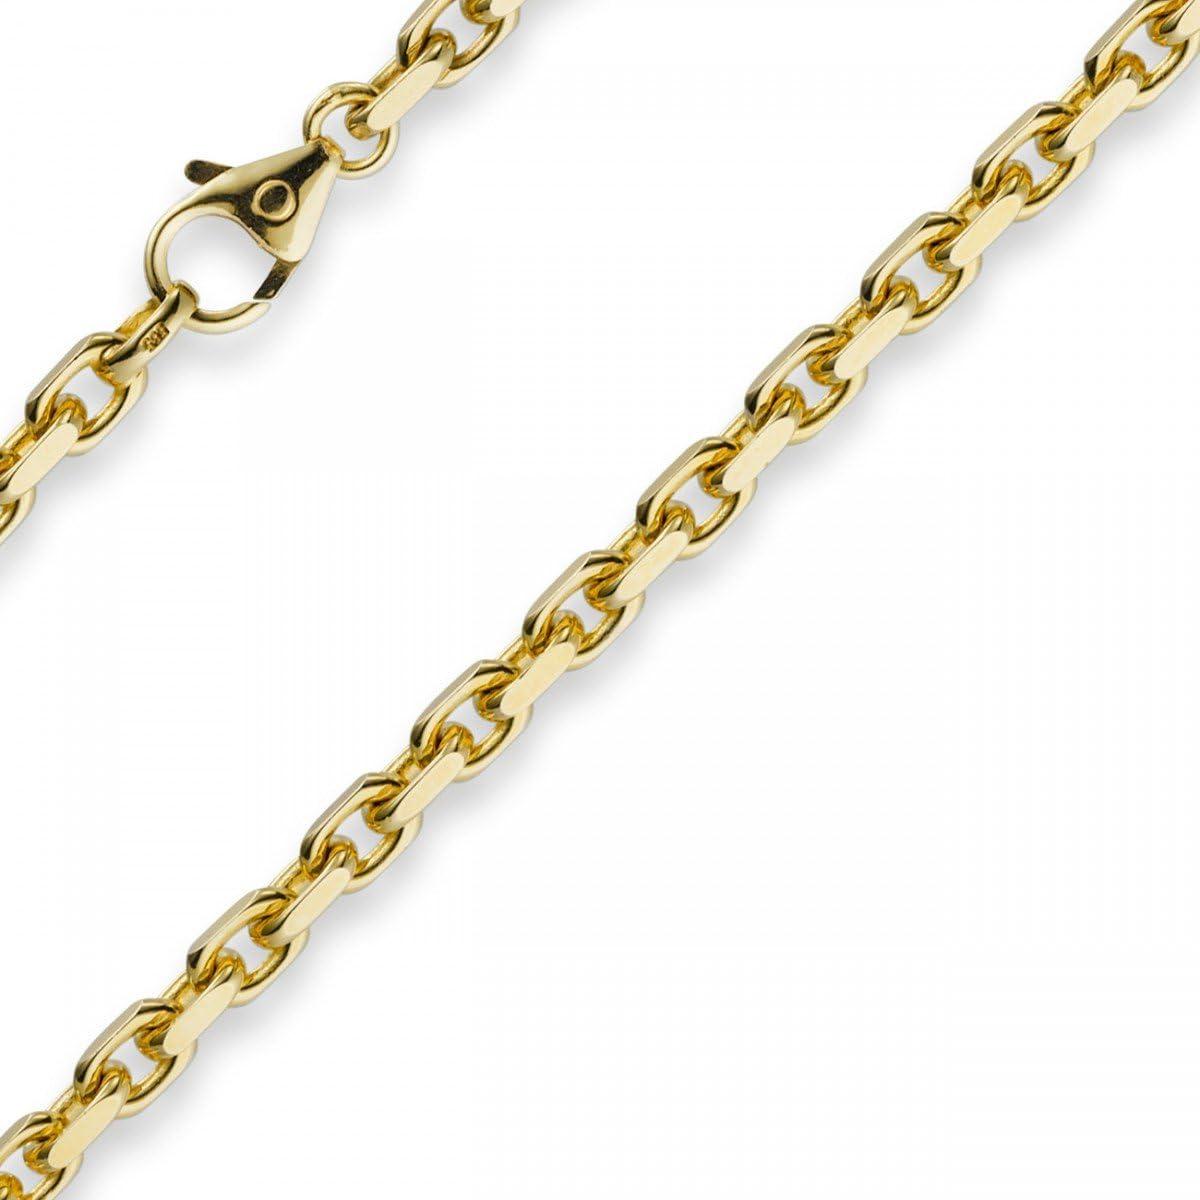 Goldkette herren gebraucht